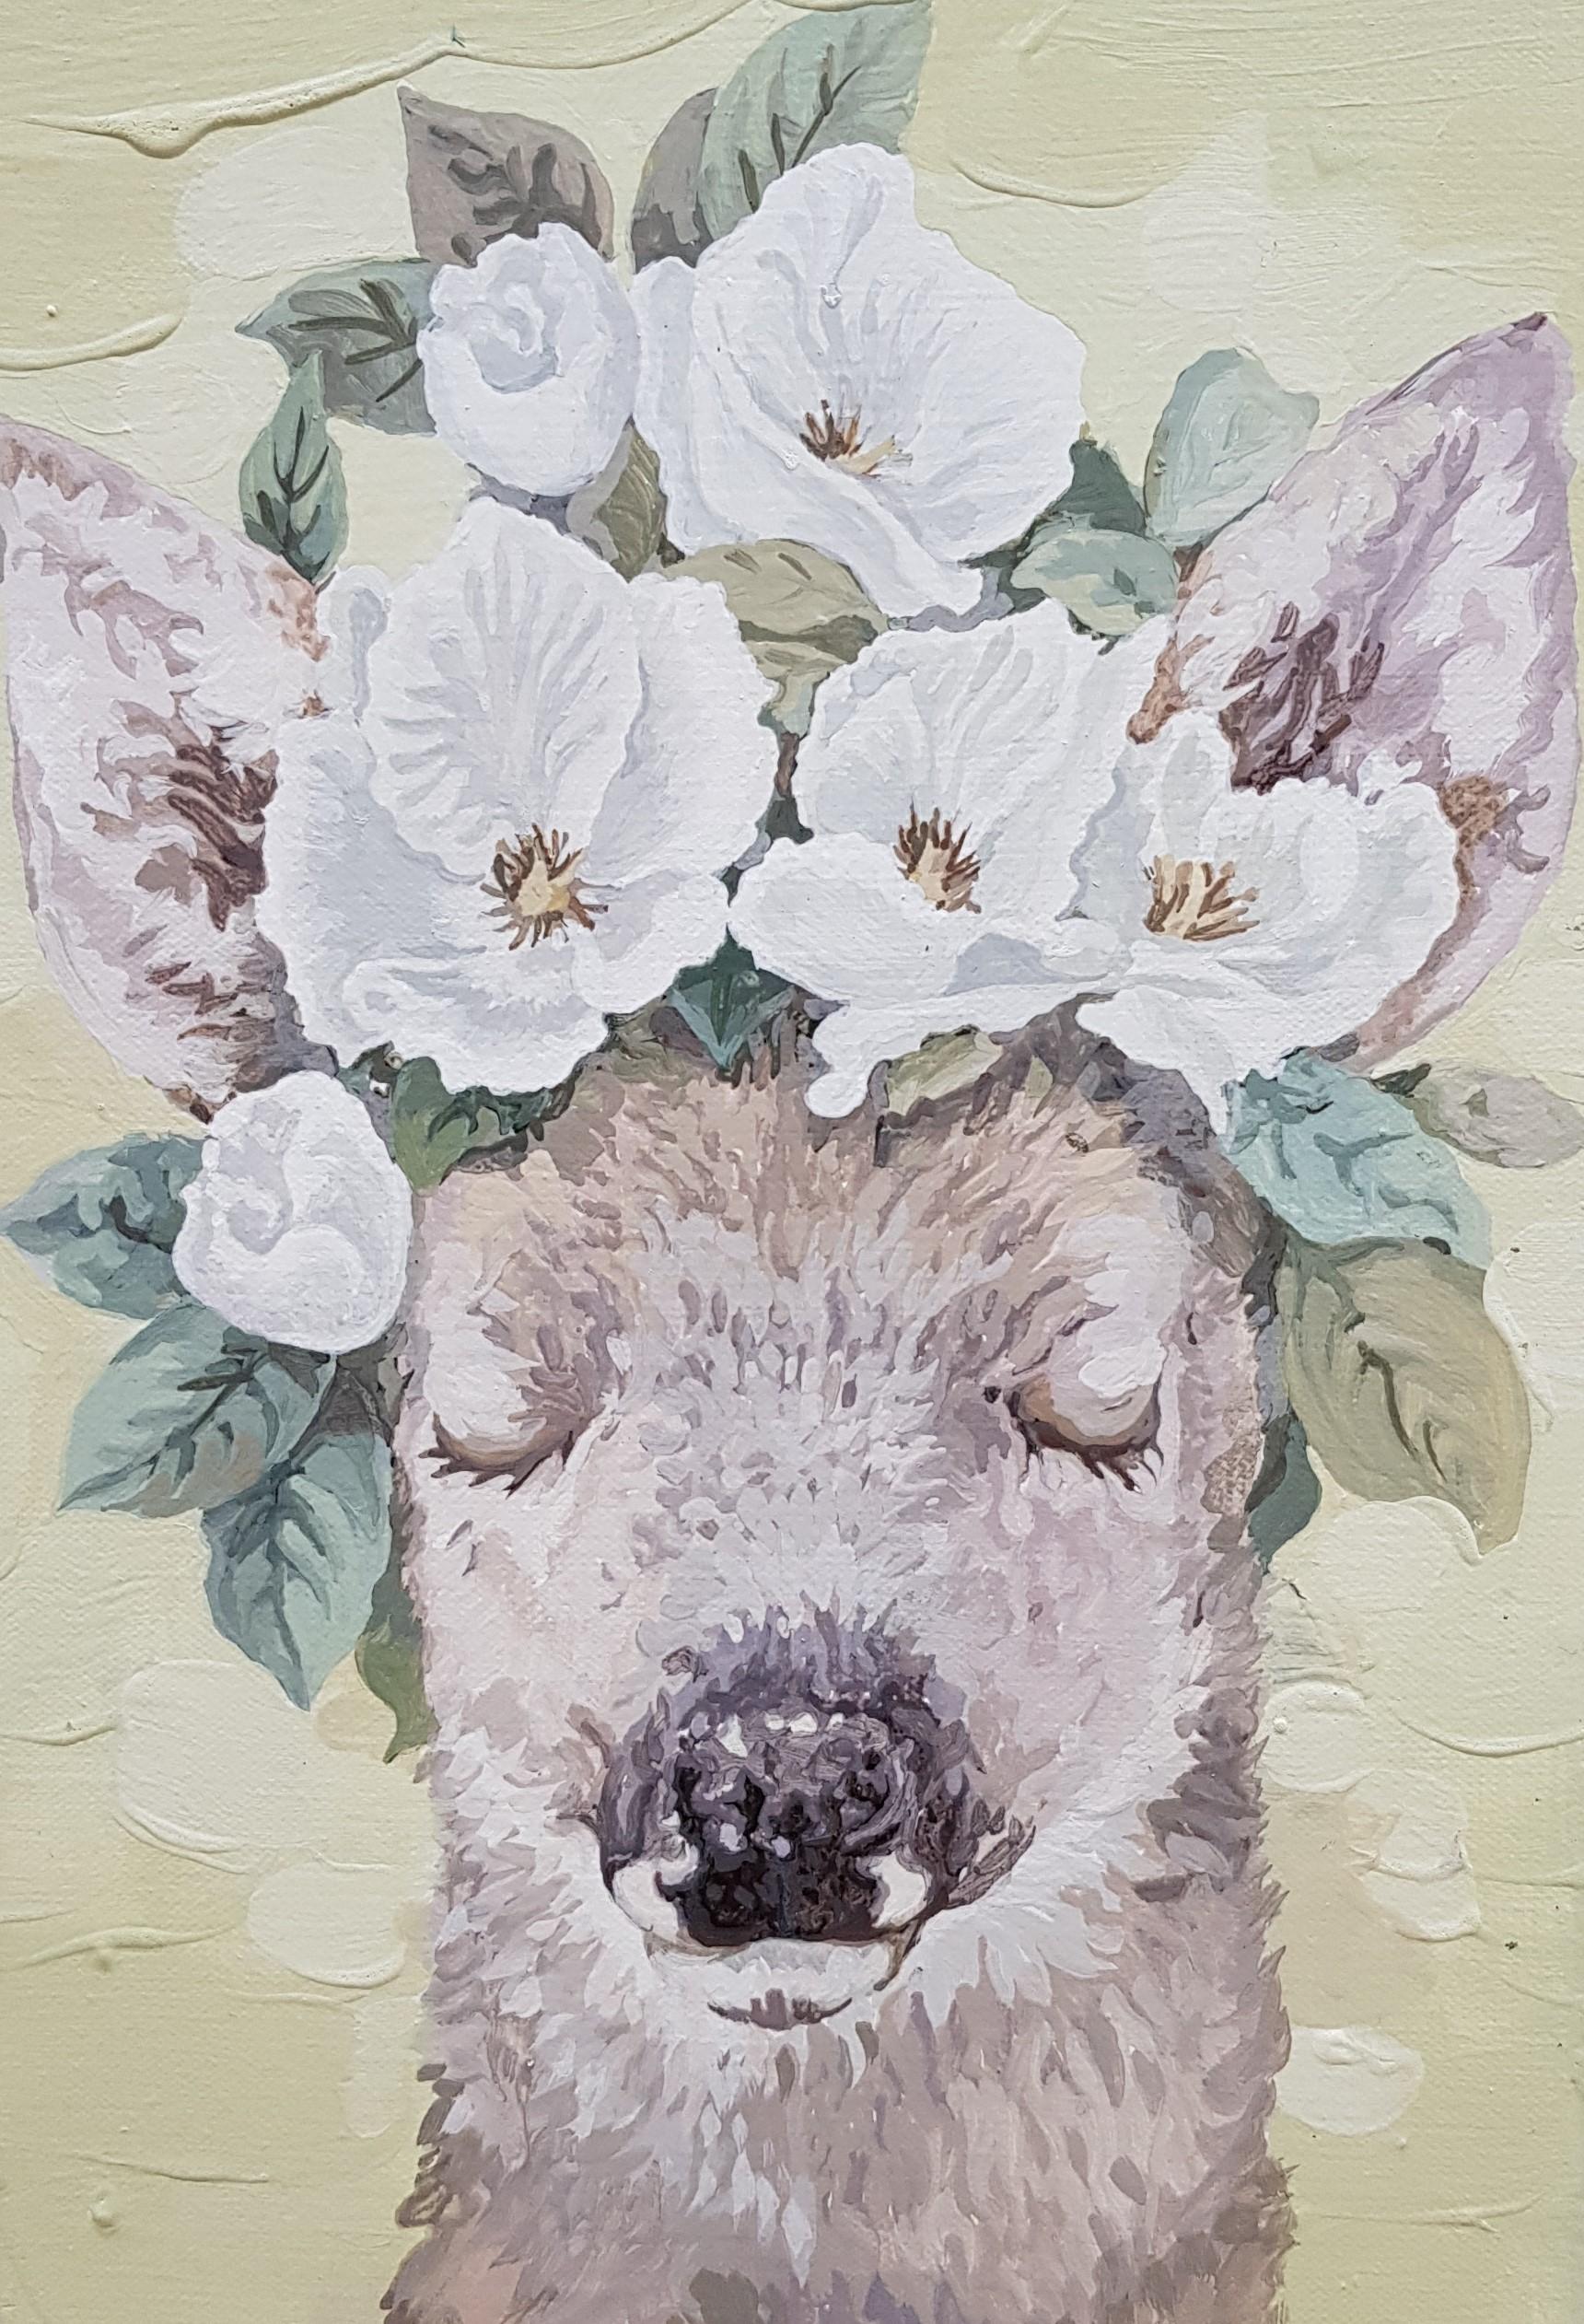 032, 박계숙, 나르시스의 정원-10, 23 x 34 cm, 캔버스에